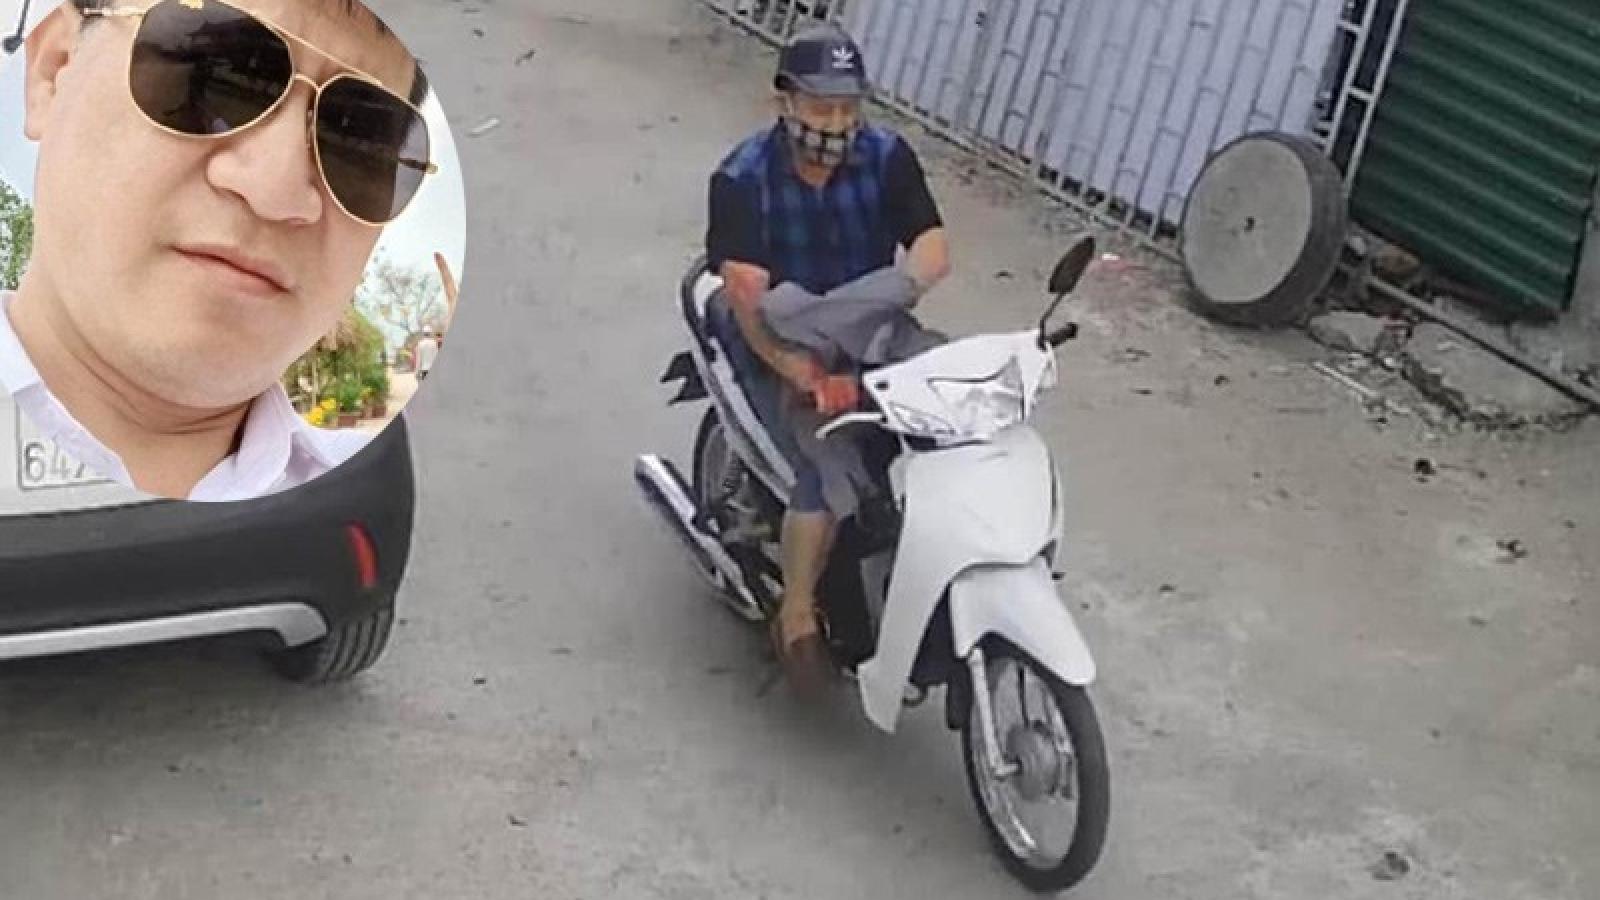 Truy bắt kẻ đâm chết một phụ nữ gần cổng chợ ở Nghệ An